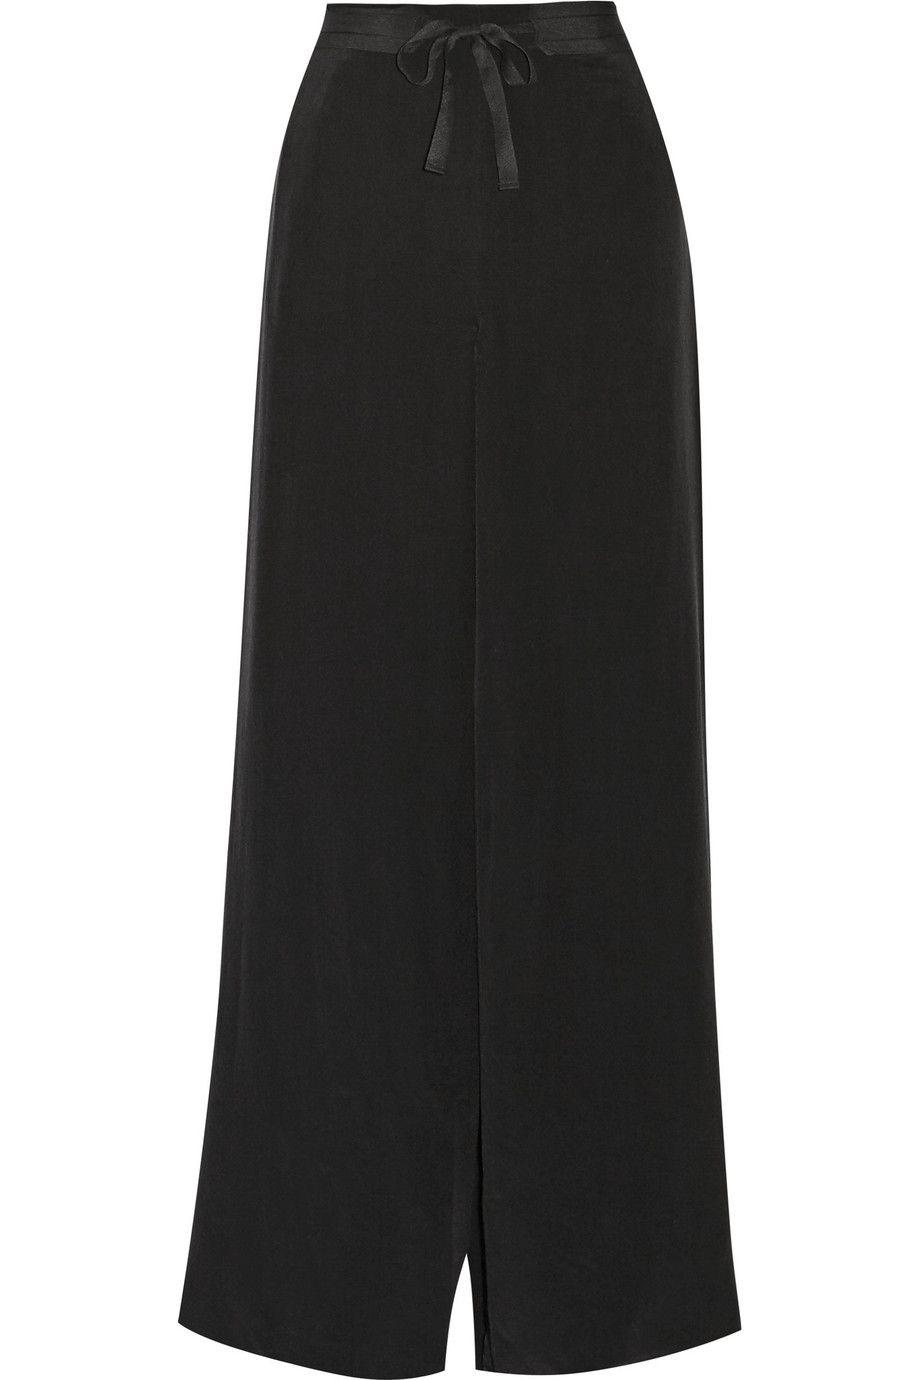 Pantalon - Bermudas Par Malene Birger cUSNIYfW